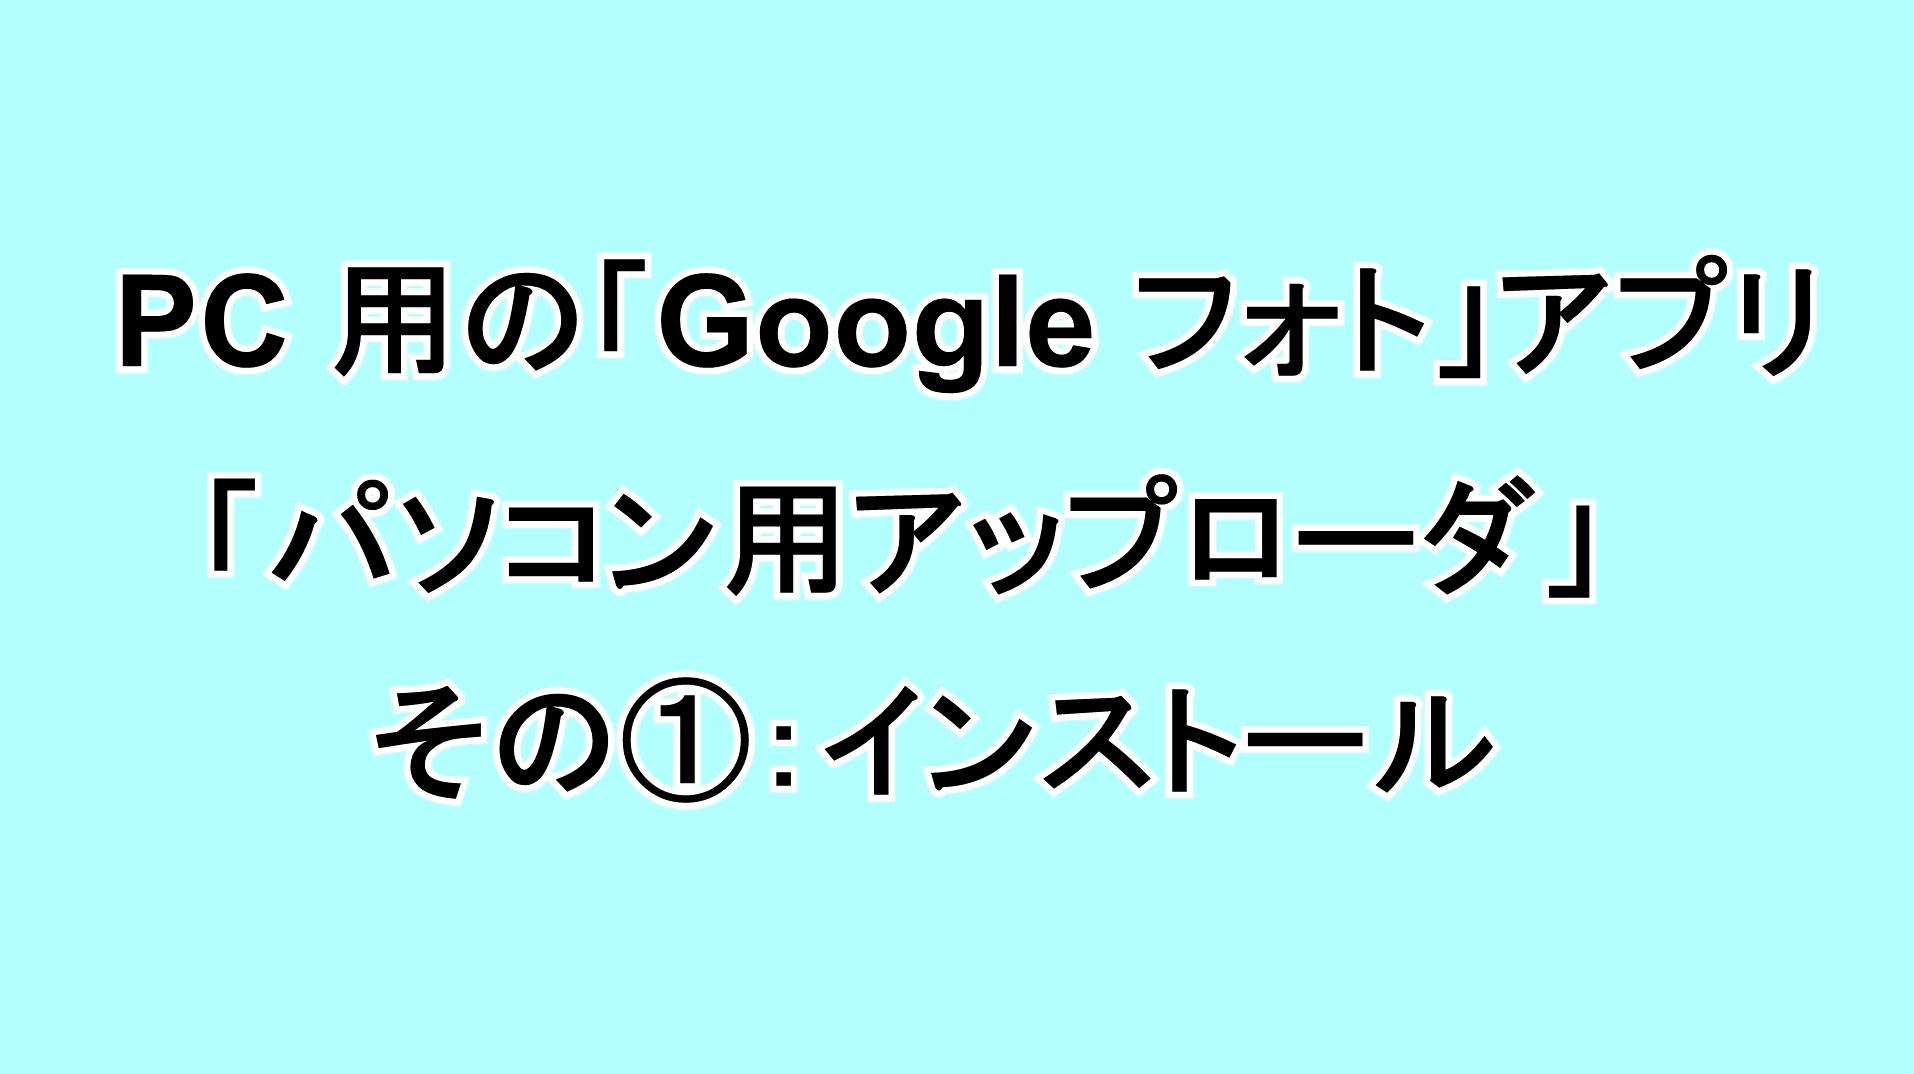 PC用の「Google フォト」アプリ「パソコン用アップローダ」 その①:インストール